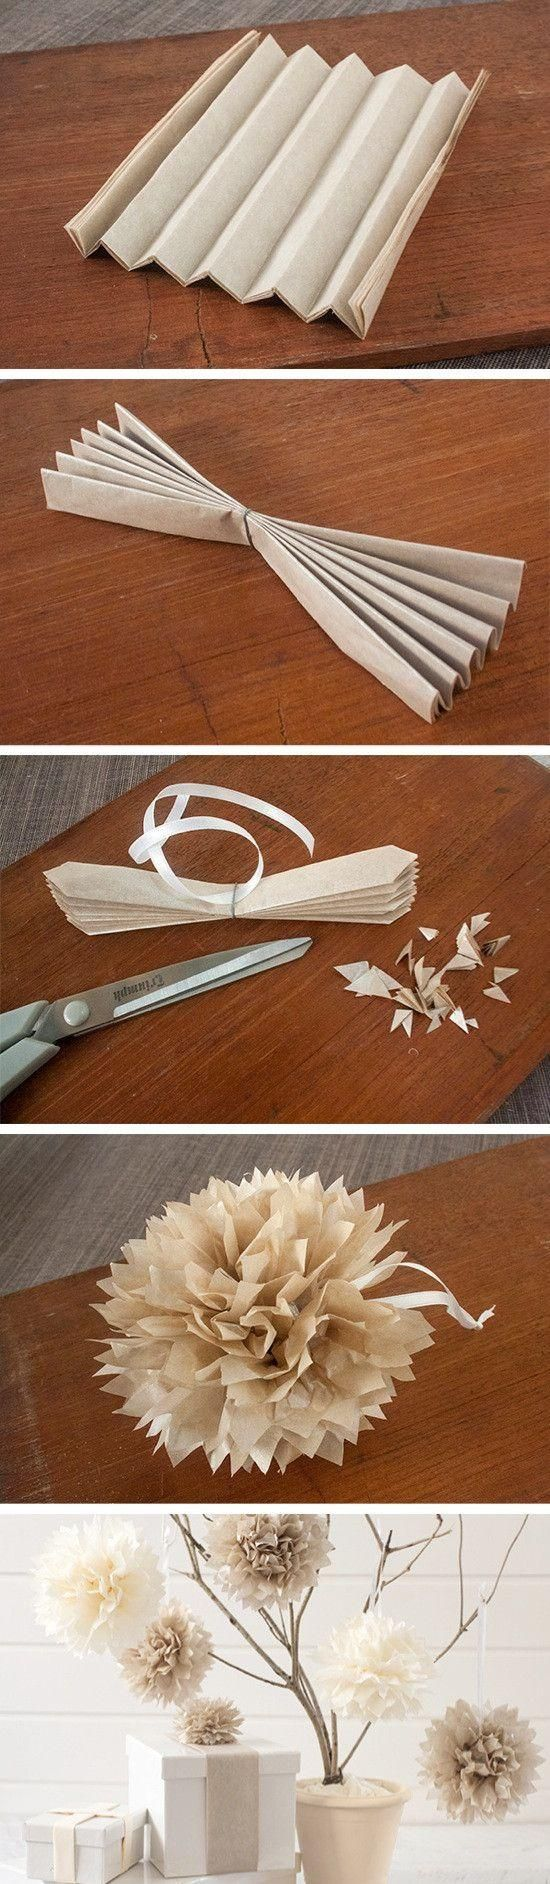 Paper Flower Ideas!  https://www.etsy.com/shop/theeverylastdetail